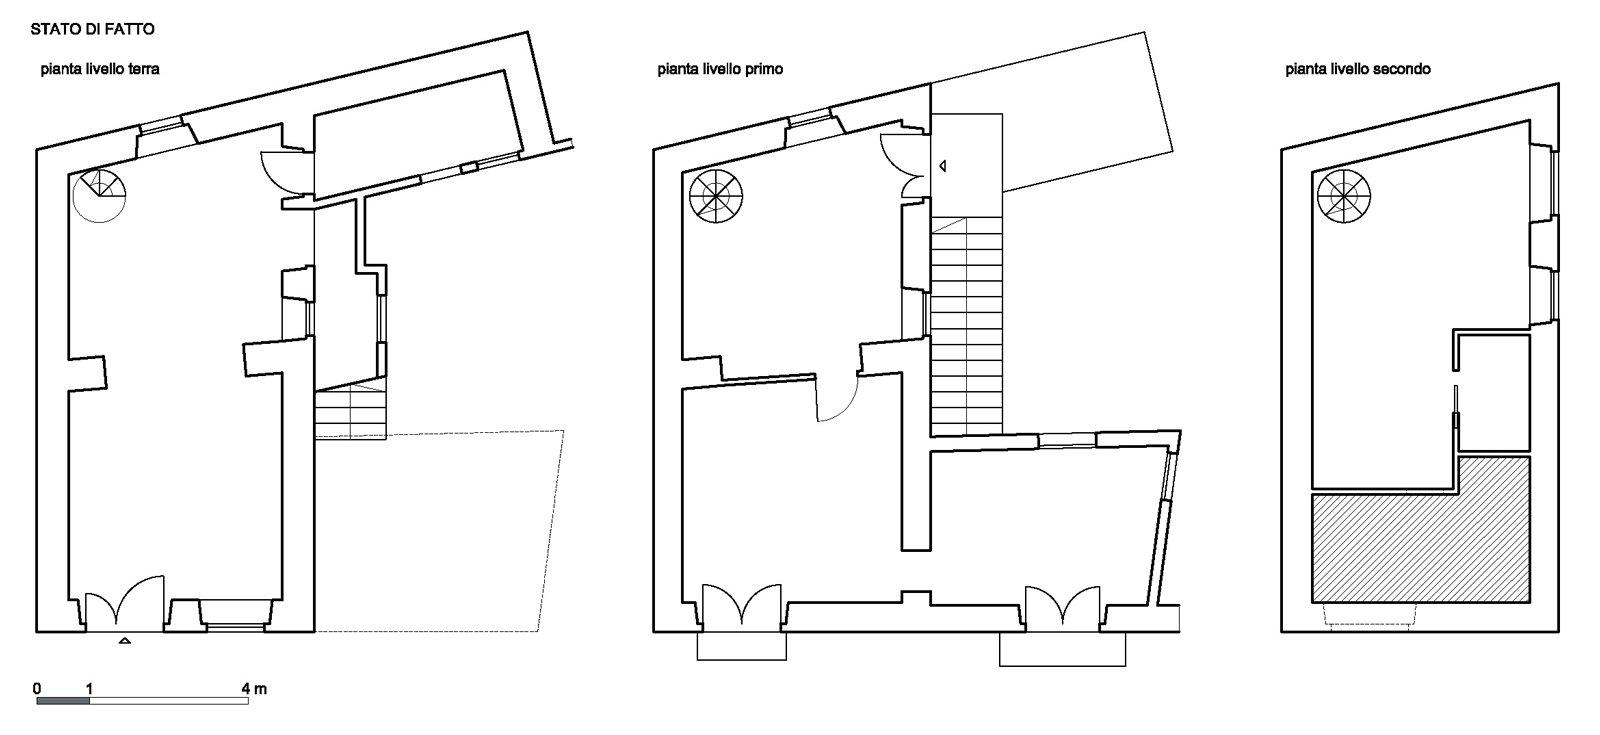 Progetto in pianta e 3d della casa su 3 livelli cose di casa for Pianta esterna